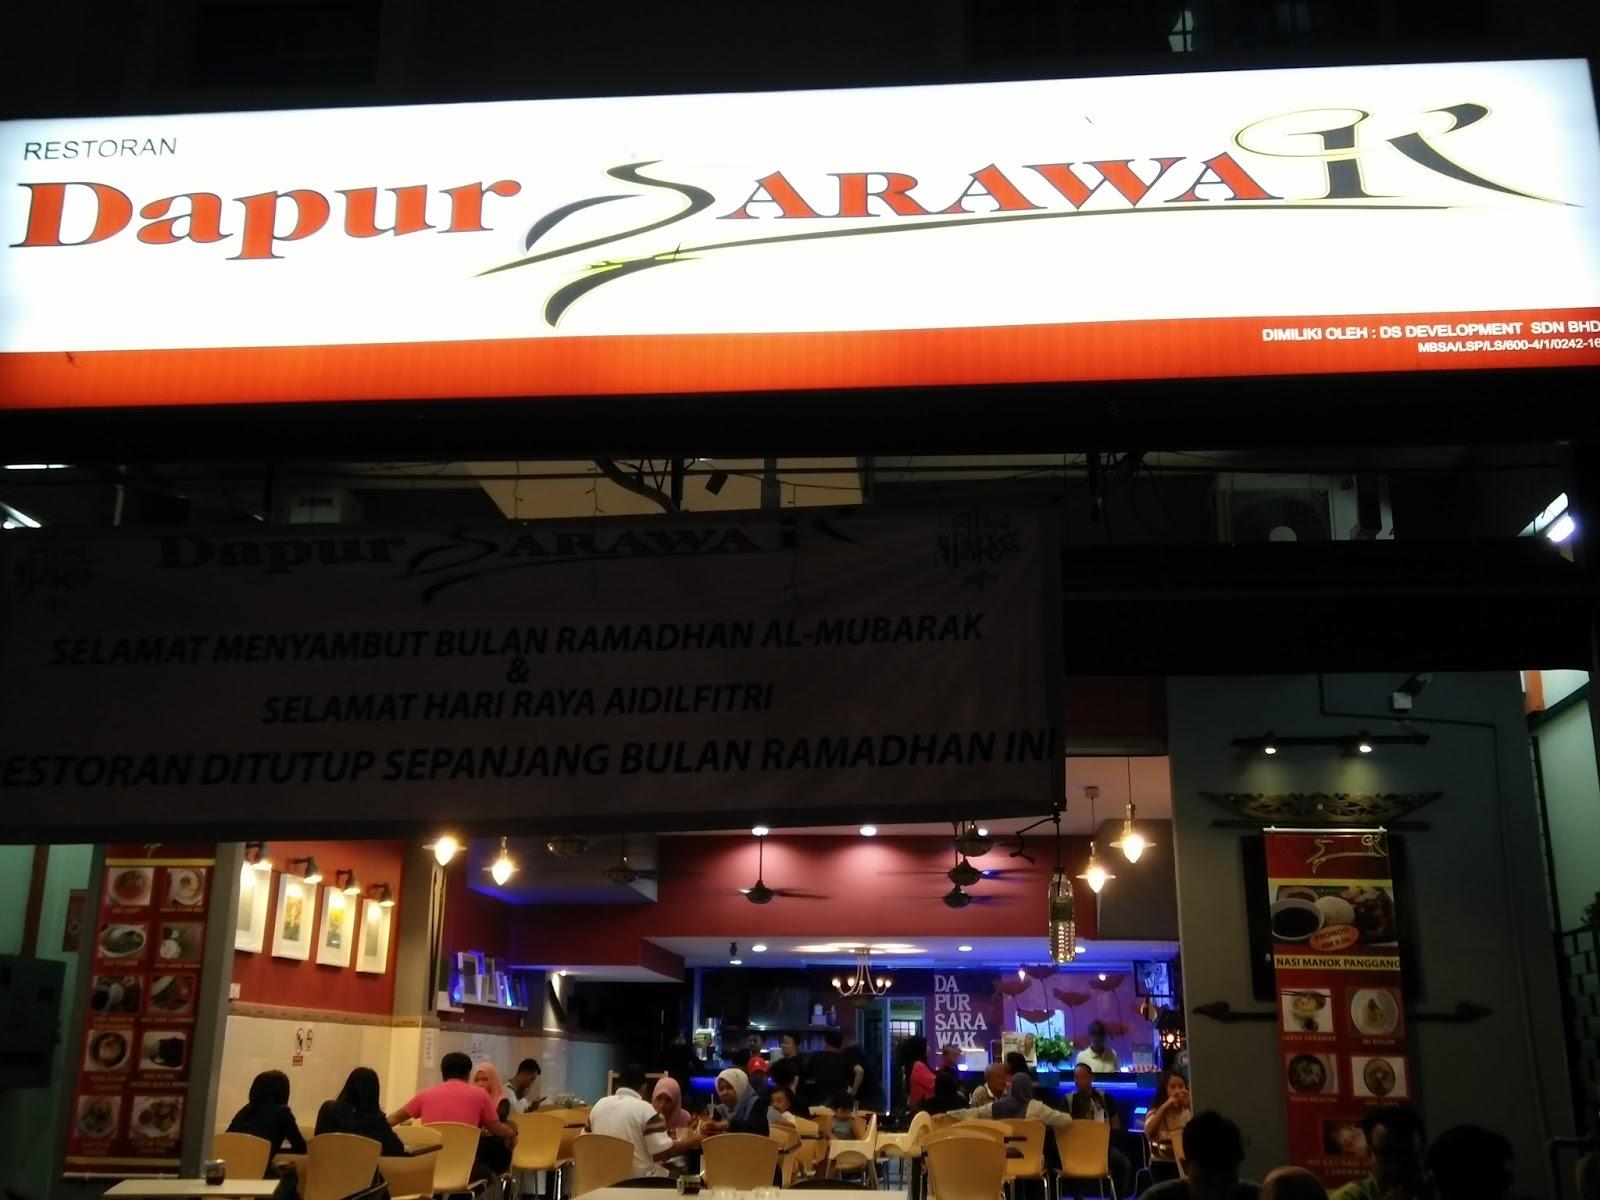 Dapur Sarawak Yen 7 Shah Alam